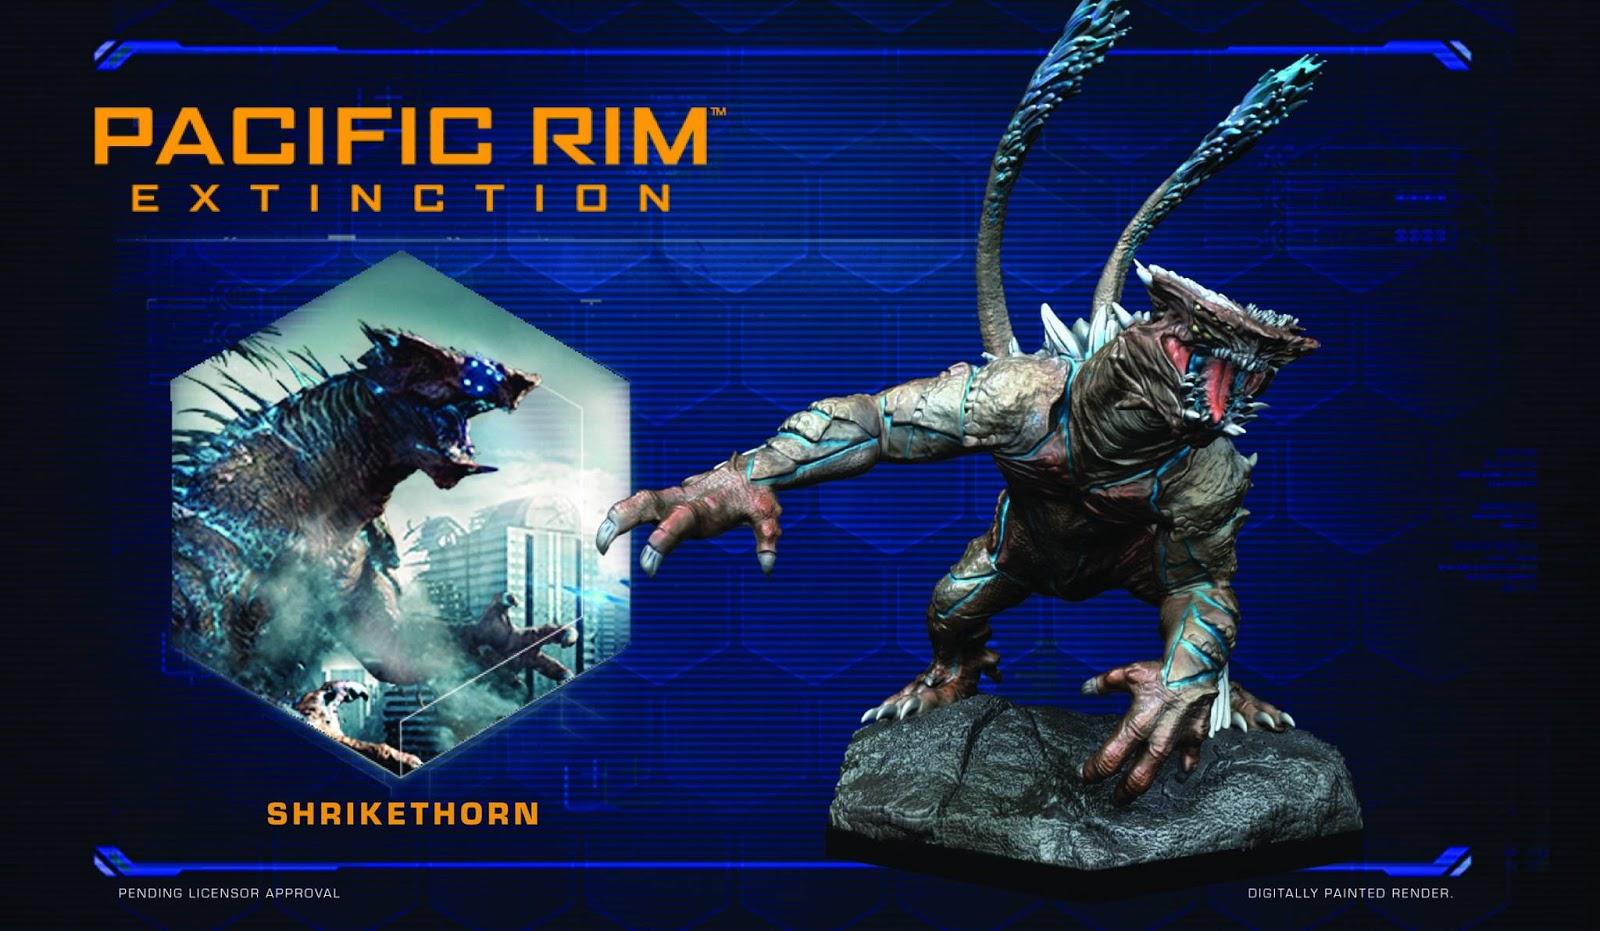 Pacific Rim Extinction Tabletop Miniature Game - Faeit 212 ... Pacific Rim